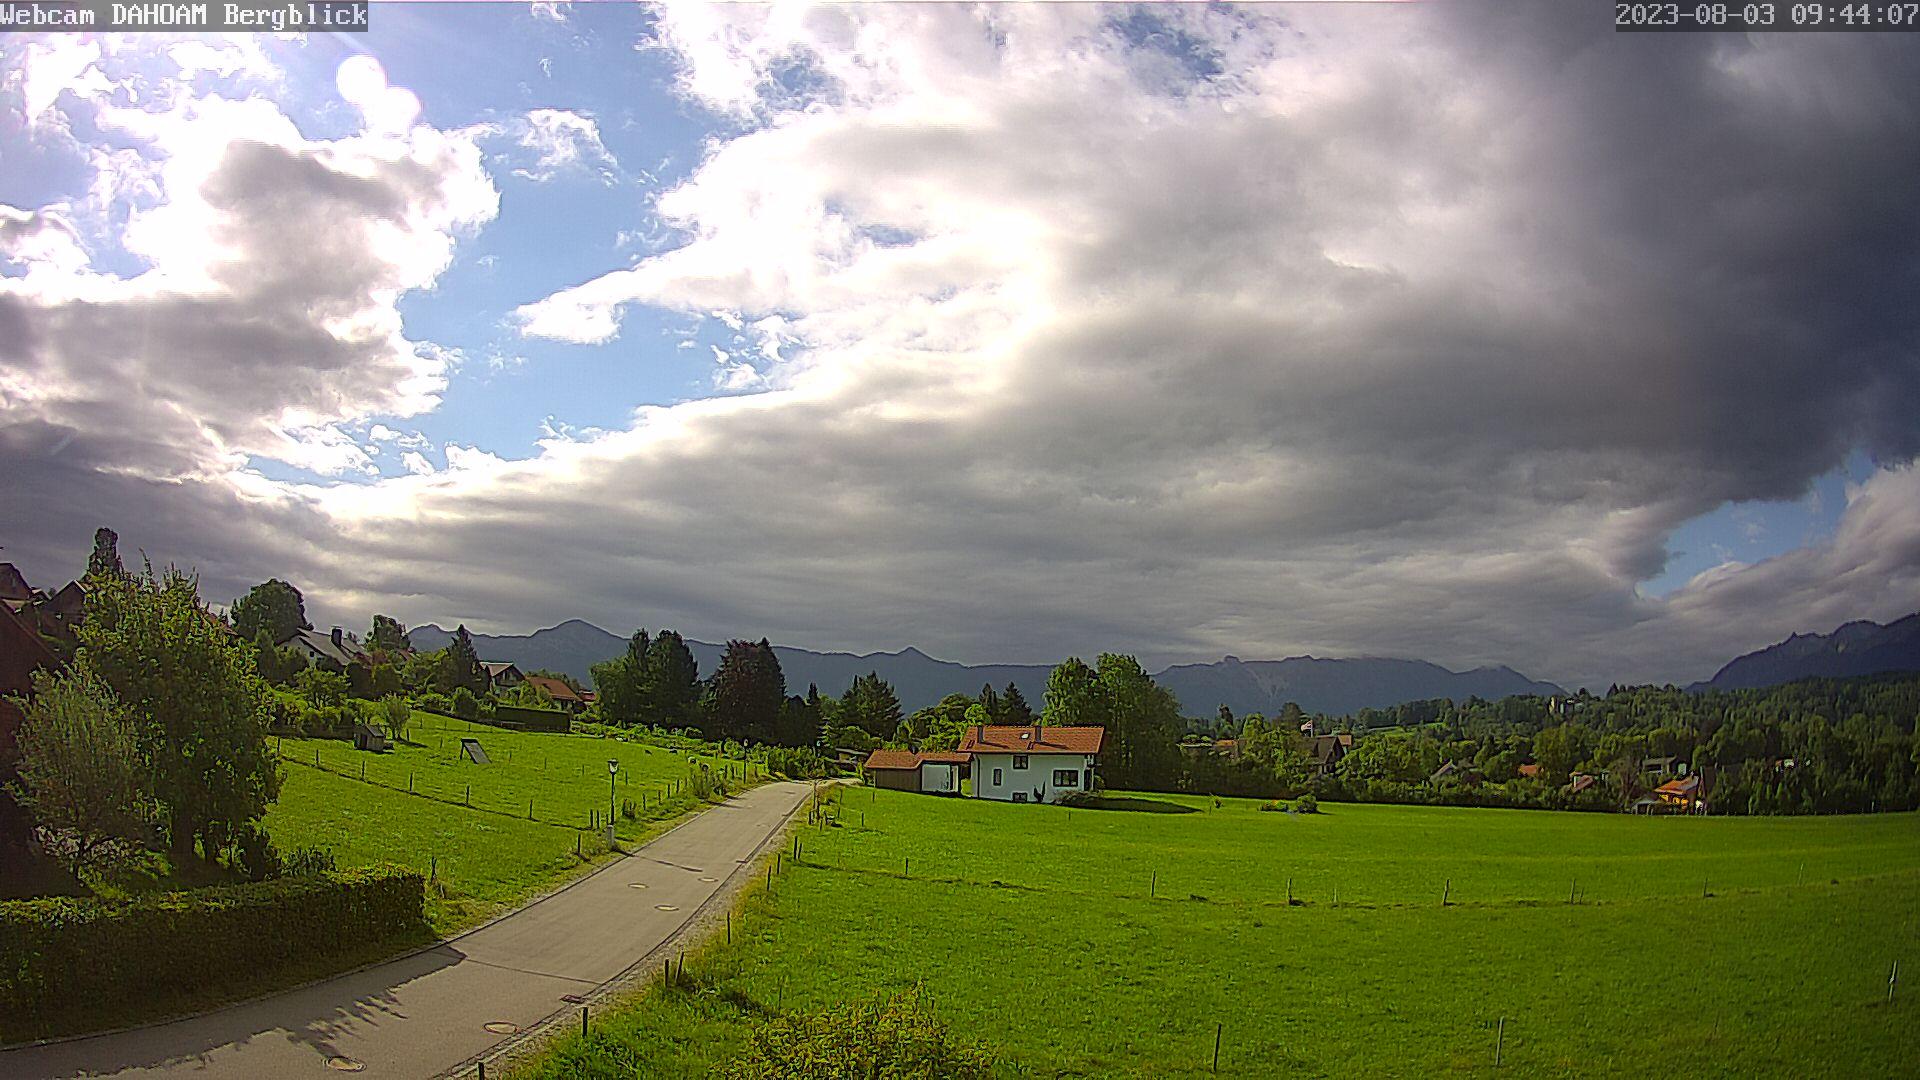 Webcam Seehausen am Staffelsee - Bergblick